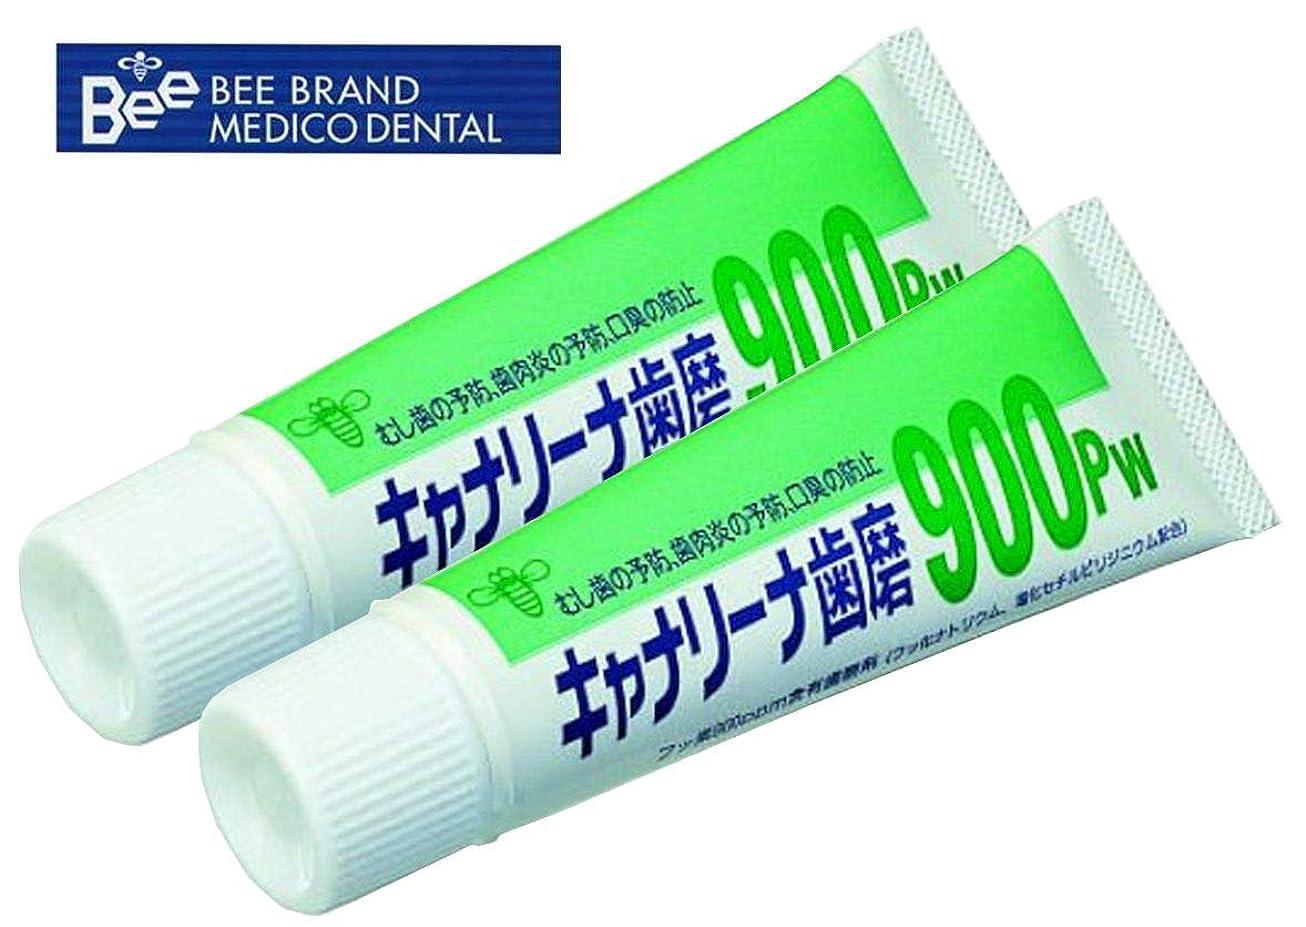 読む普通の国旗ビーブランド(BeeBrand) キャナリーナ 歯磨 900Pw × 2本セット 医薬部外品